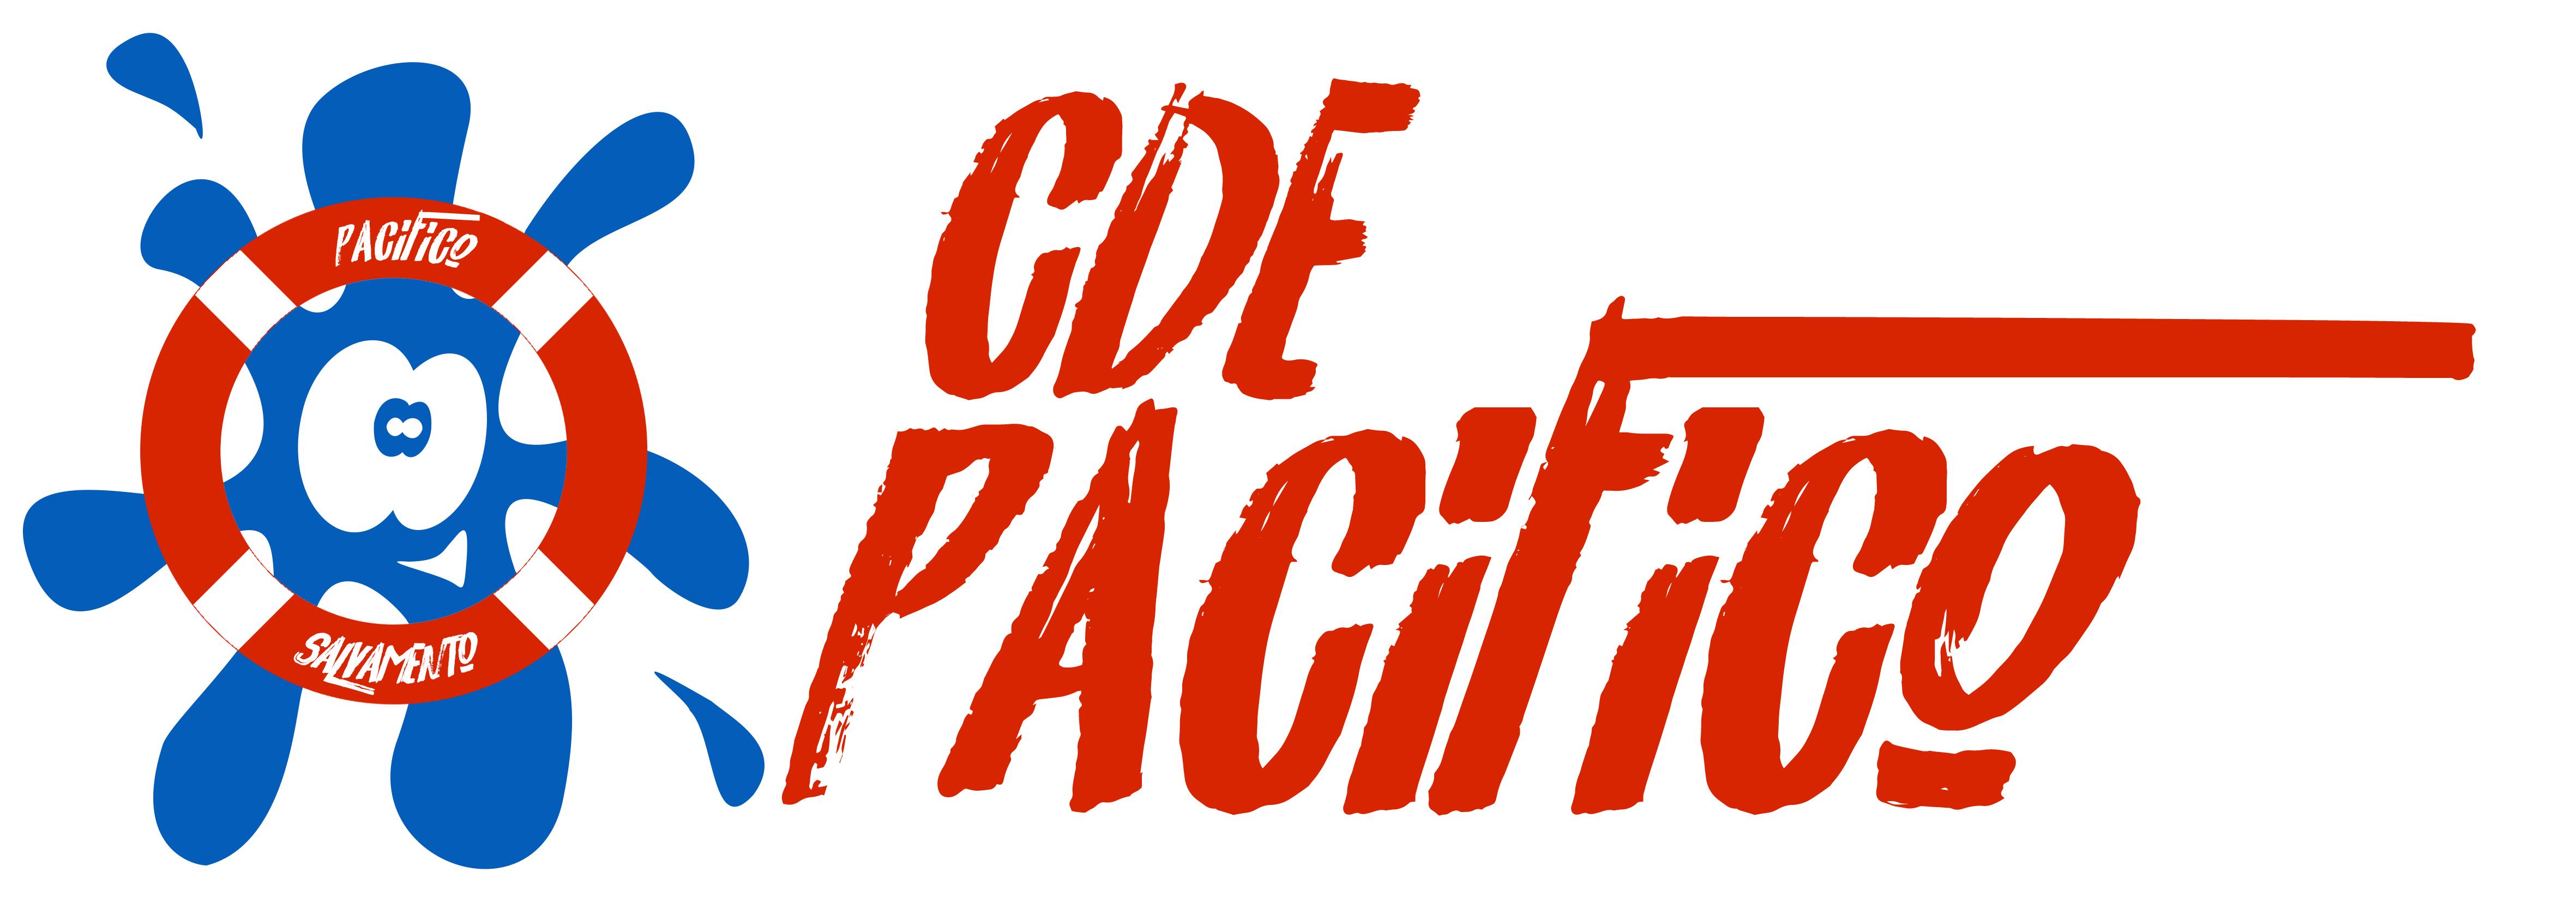 logo CDE Pacífico